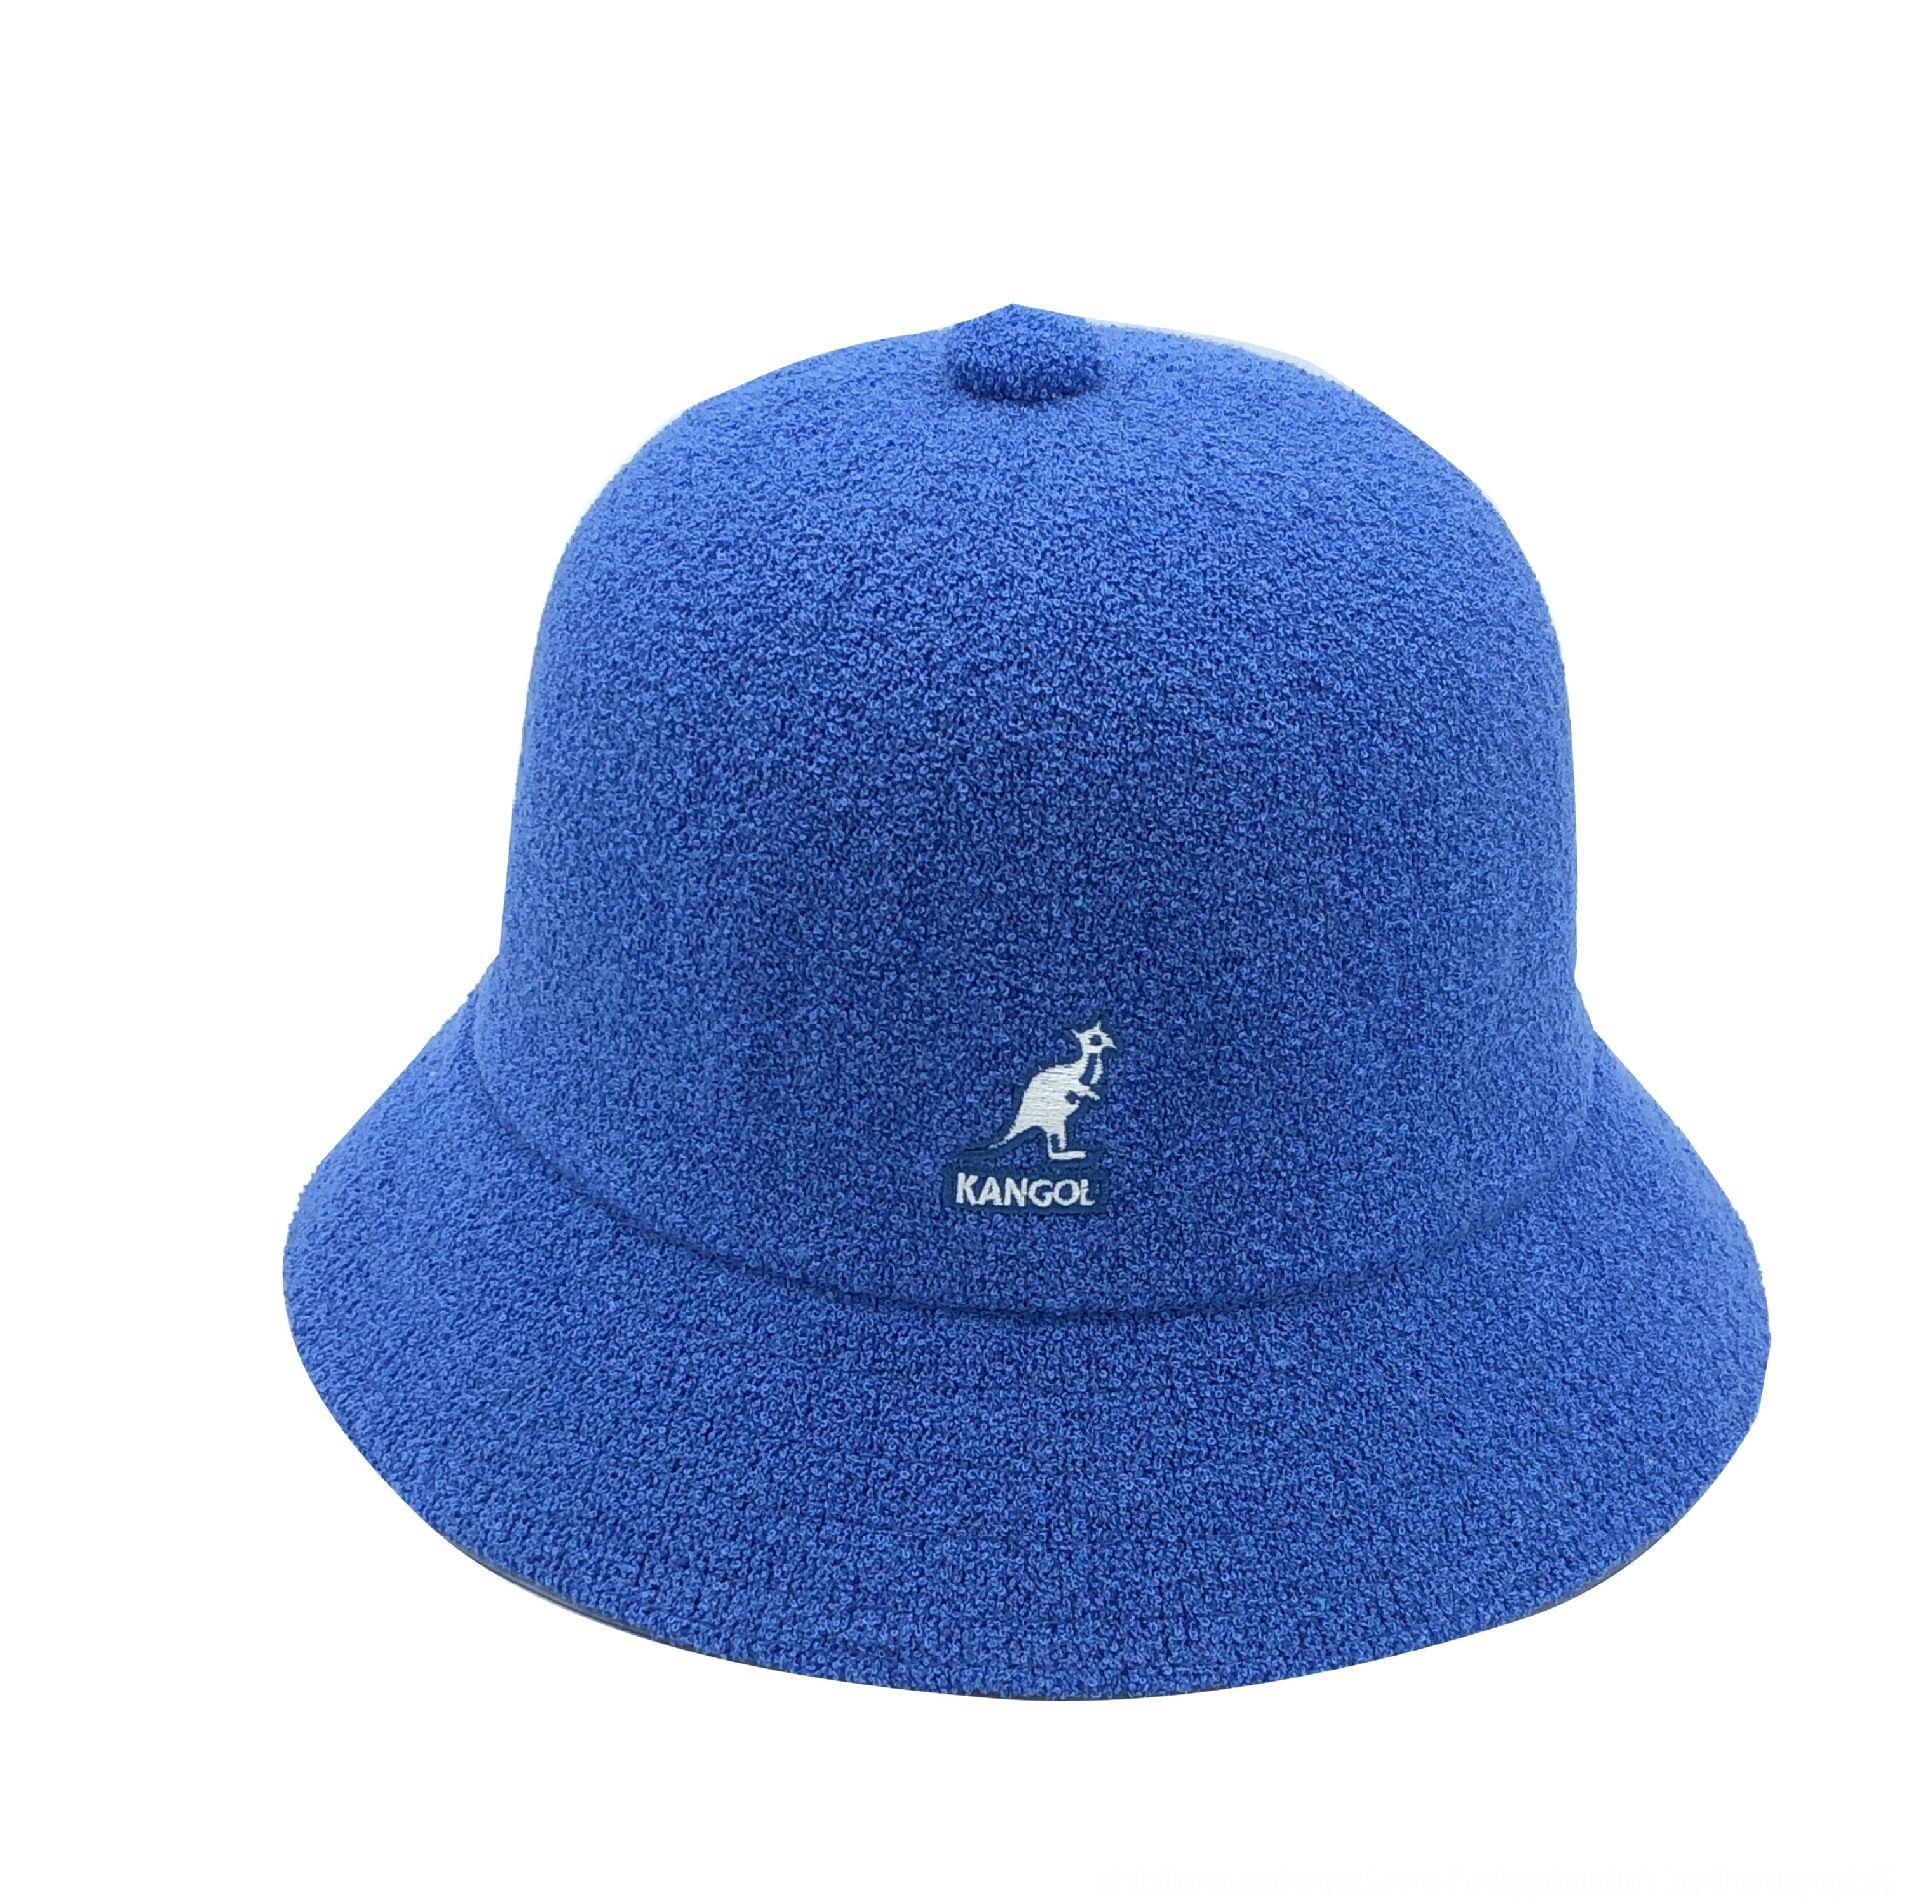 DLWM Дышащий набор Breim Hat Summer Beach Baby Kangol широкие соломенные шапки лук солнцезащитный крем соломенная цветочная кепка и сумка девушка ljja-2487